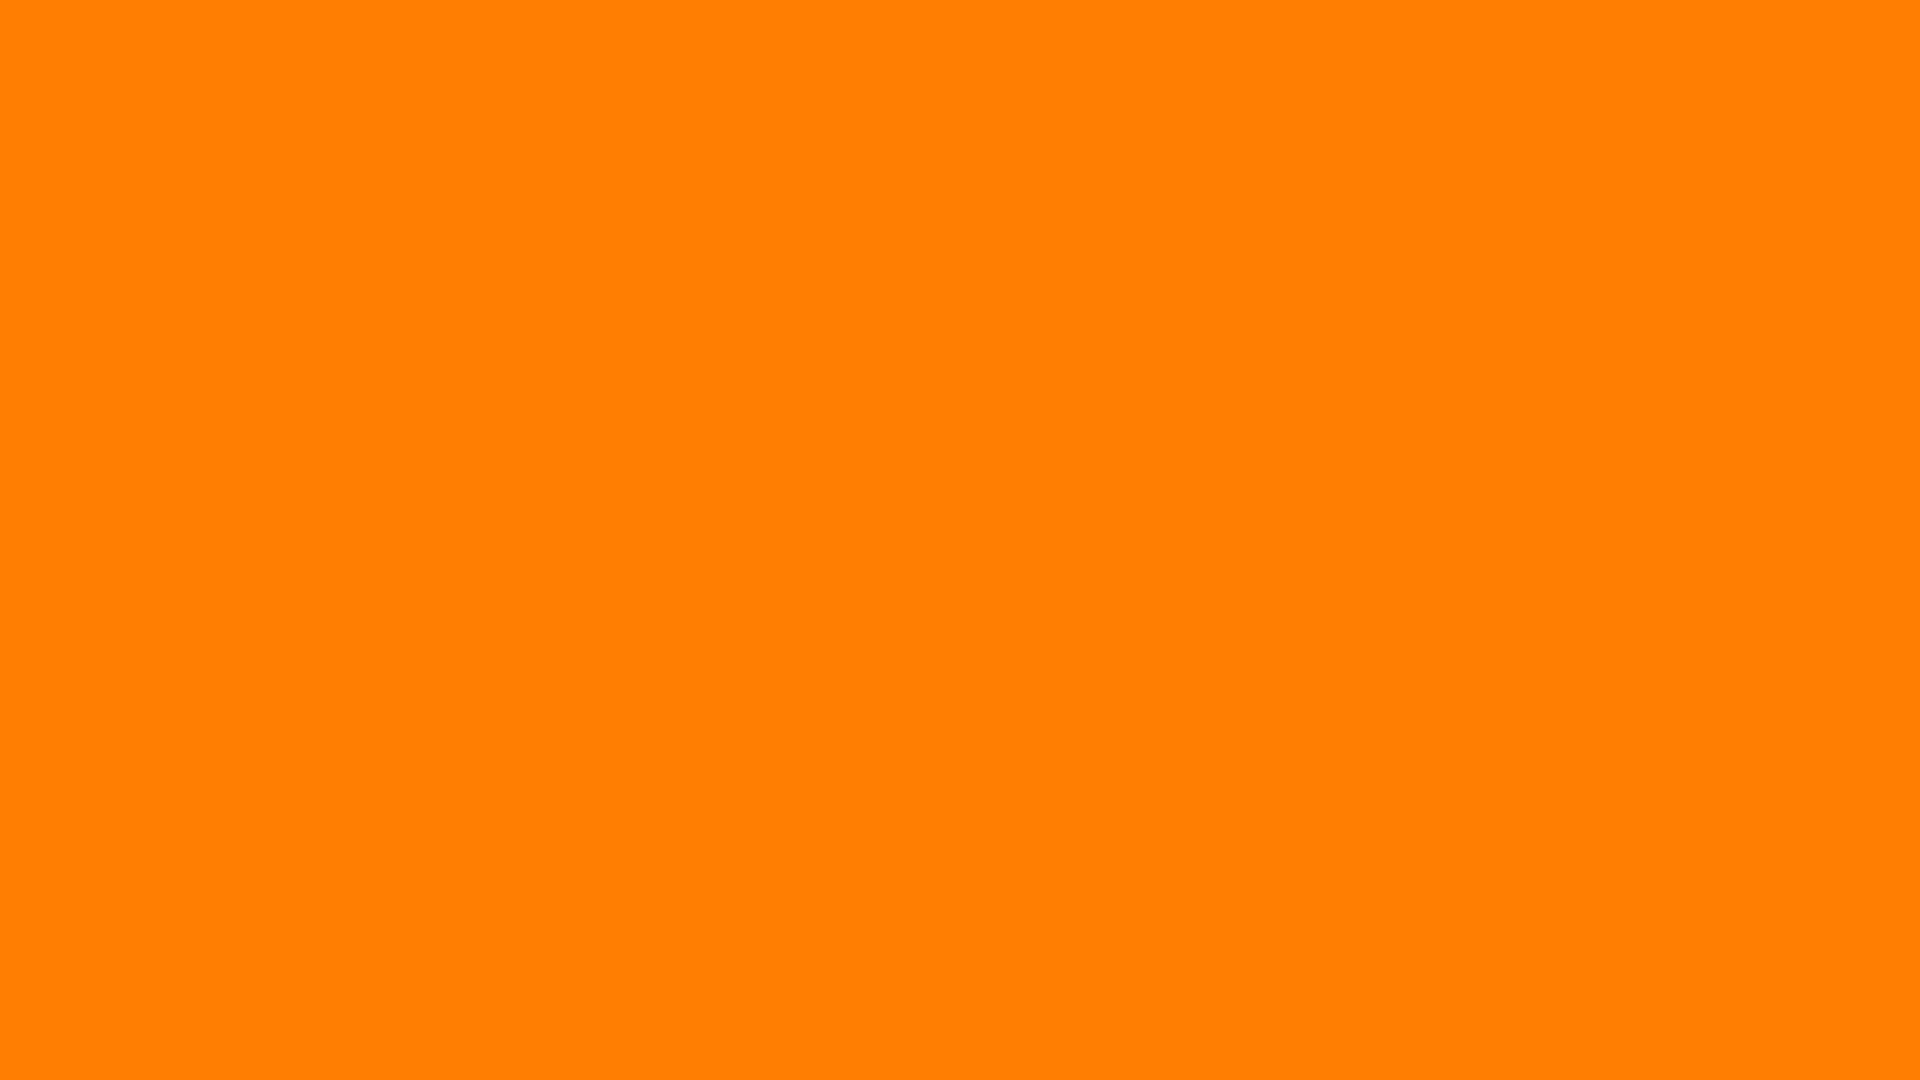 1920x1080-amber-orange-solid-color-background.jpg